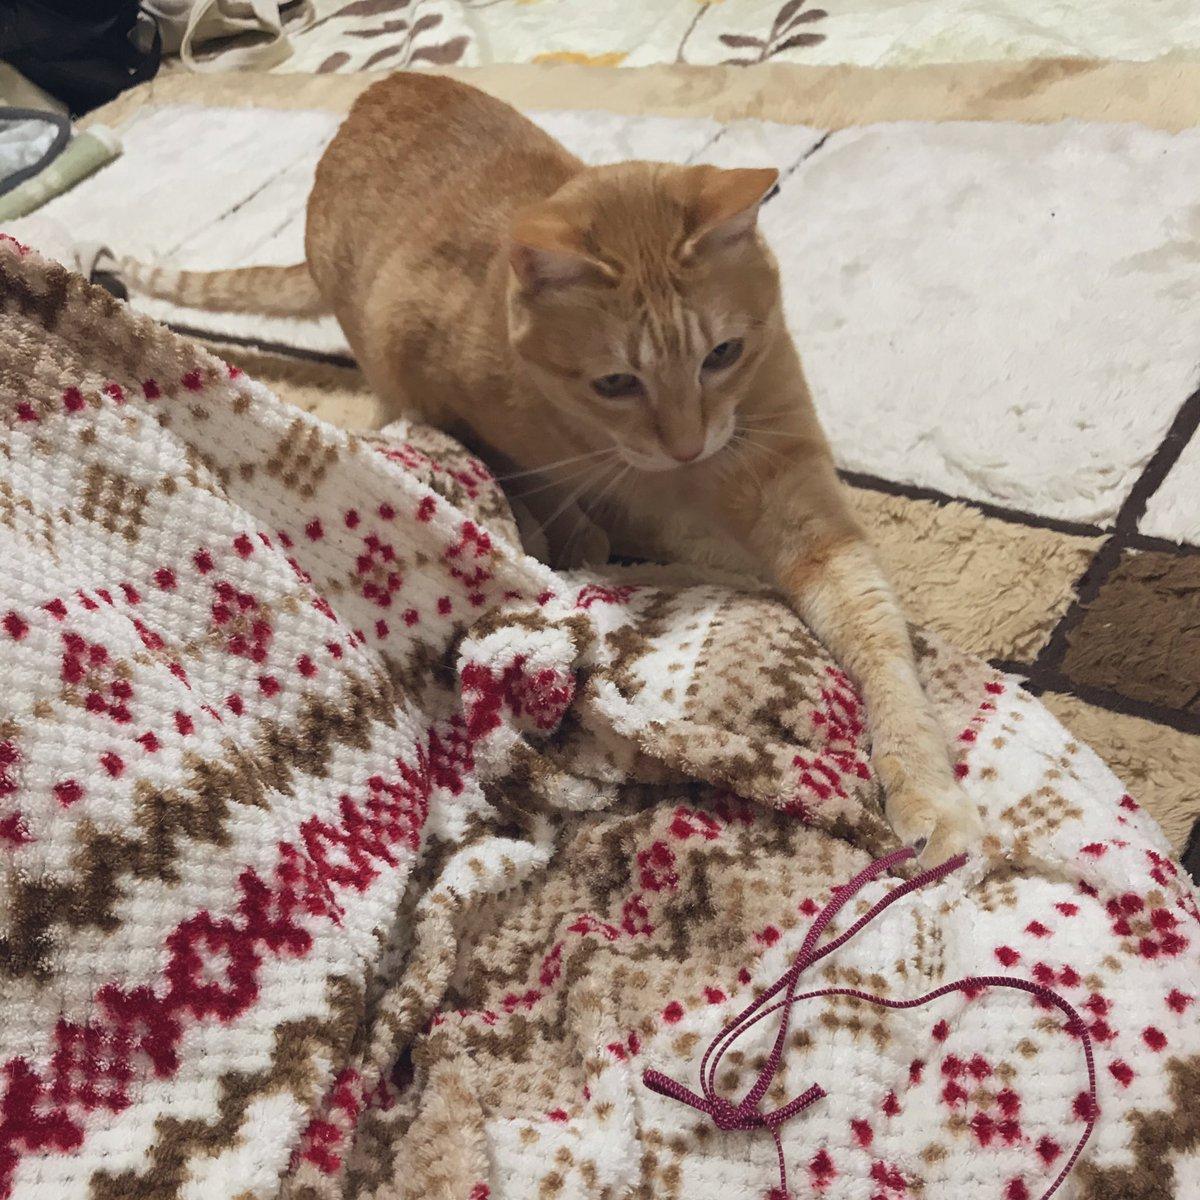 見て見ぬふりはできないお母様からのLINE!熱中症の猫を助けたら扶養家族がまた増えた!